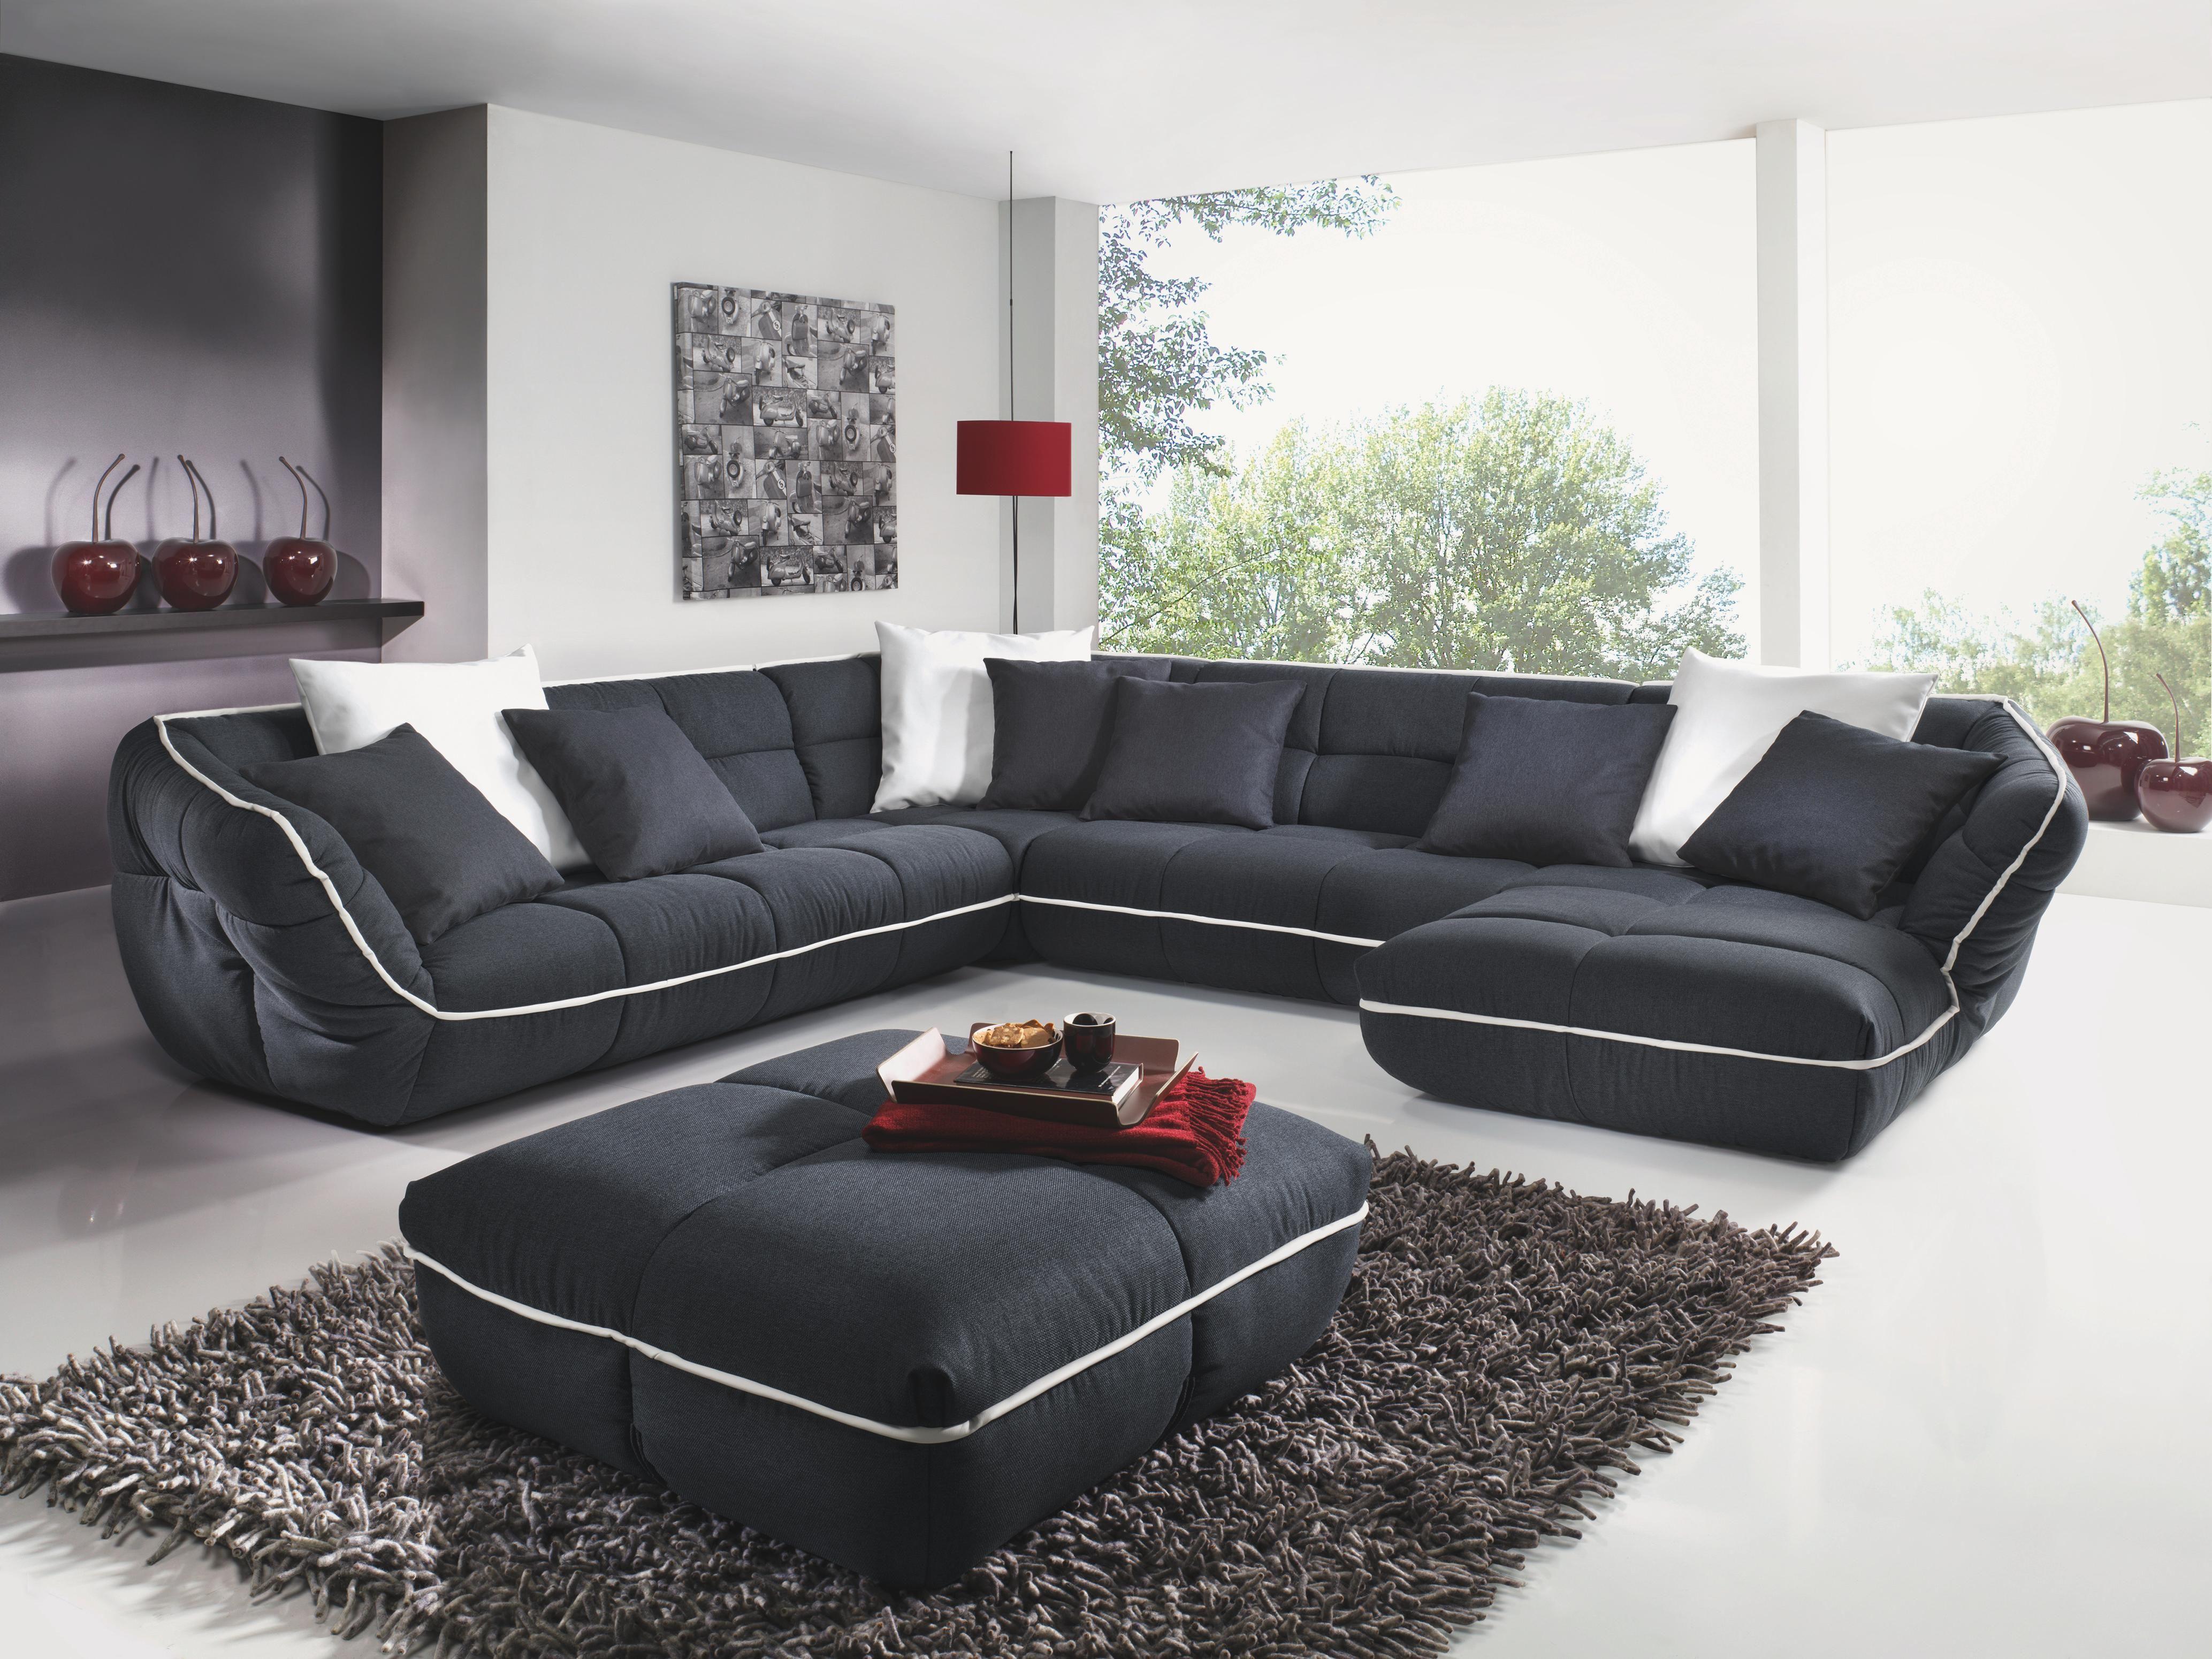 Mit Dieser Wohnlandschaft Leben Sie Ihren Individuellen Stil. Das Sofa Ist  Komplett In Schwarz Gehalten